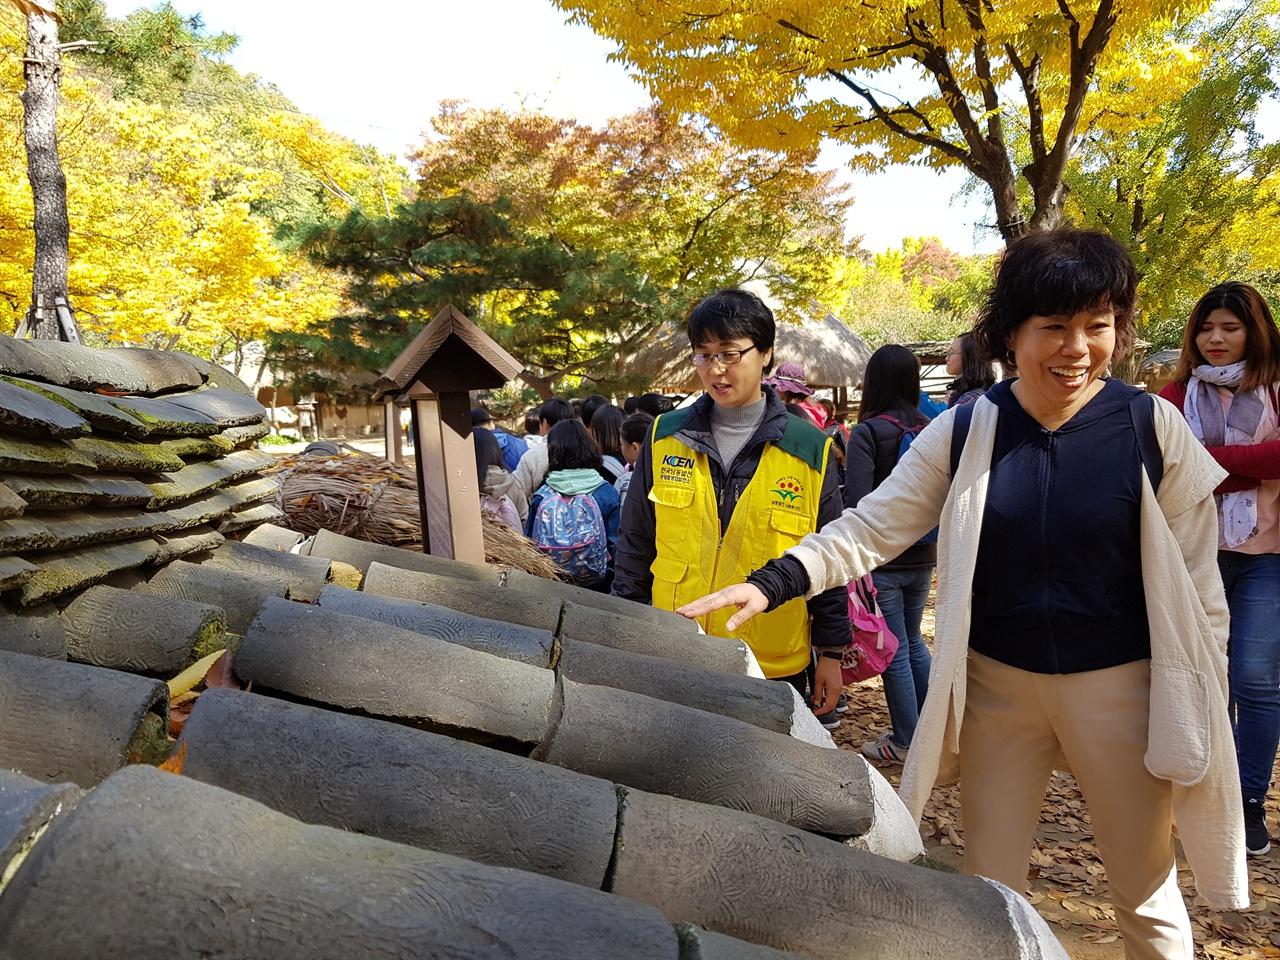 한국과 일본의 지붕이 서로 닮았다고 이야기 하는 가나코씨